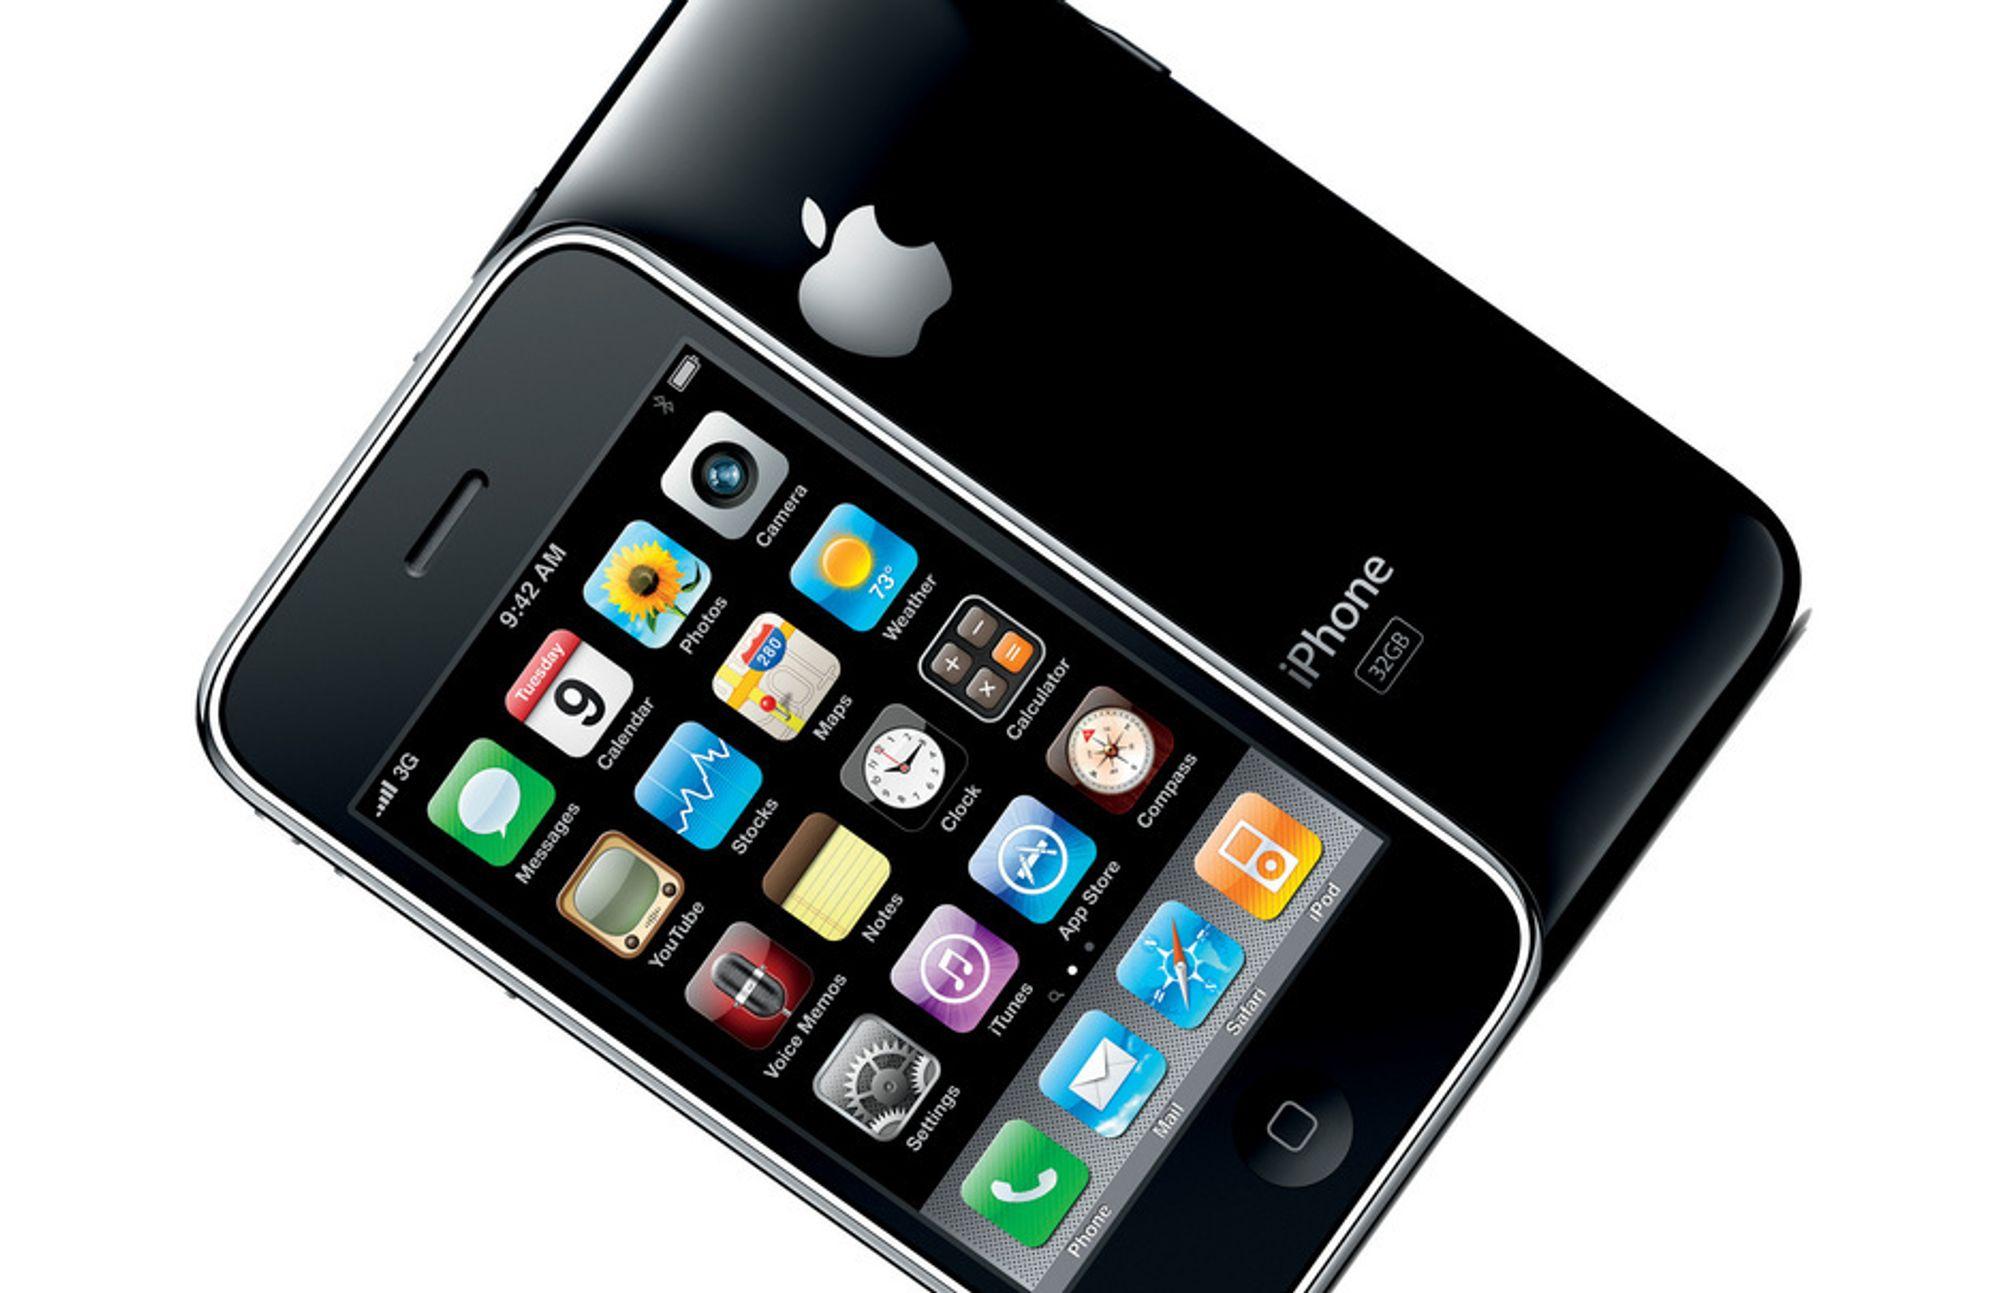 iPhone 3GS fås fra 4038 kroner første år med Telenor-abonnement.